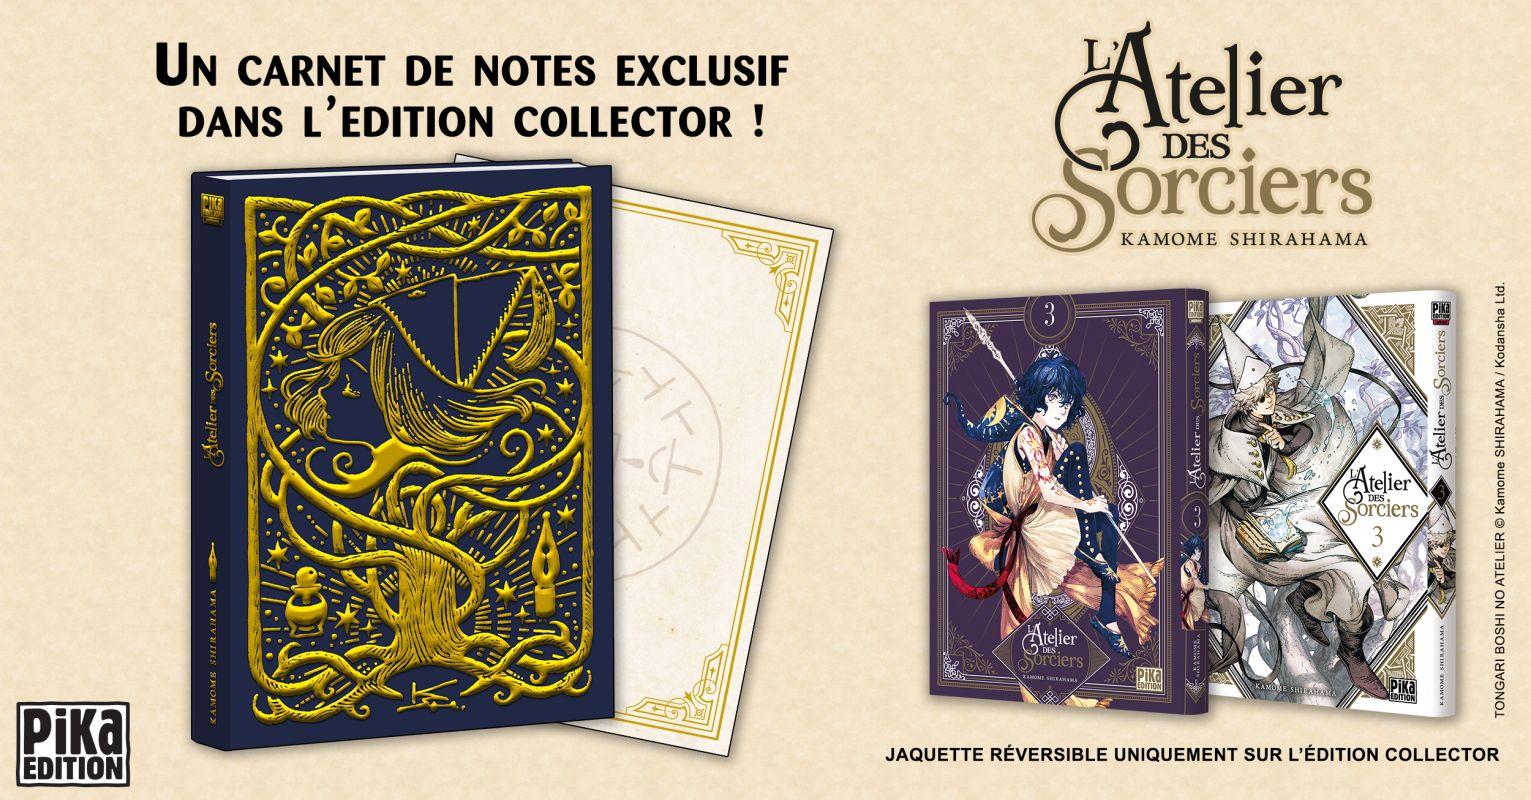 L'Atelier des Sorciers s'offre une nouvelle édition collector